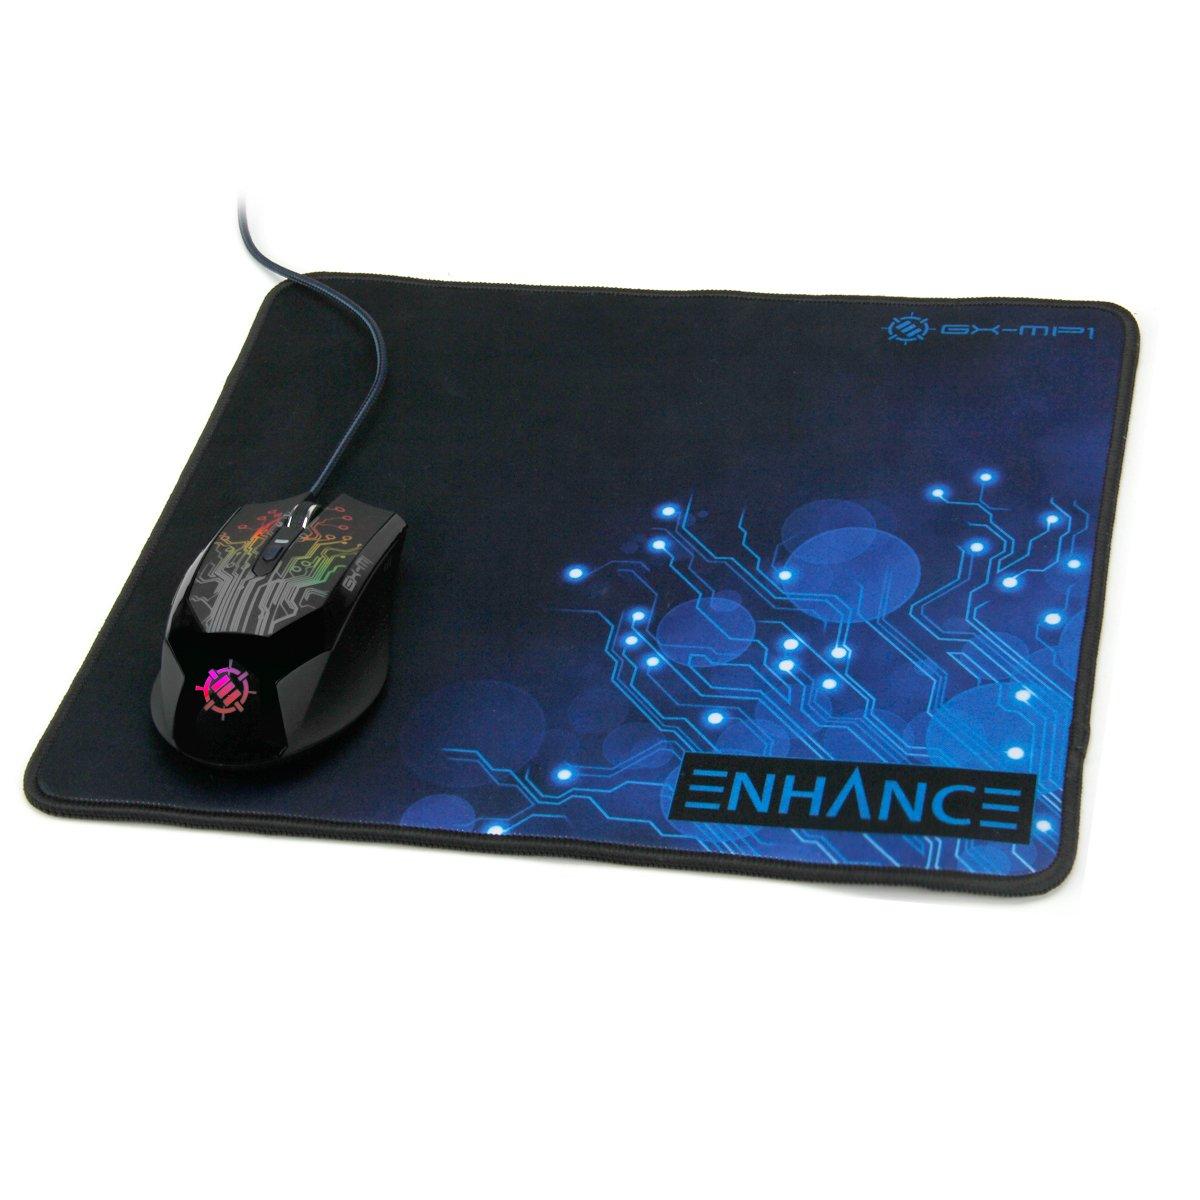 Alfombrilla XL de Rat/ón Gaming para PC por ENHANCE con microcristales reflejantes para que no pierdas ninguna batalla Mousepad de Juego Antideslizante MAC /¡No perder/ás ni una kill!